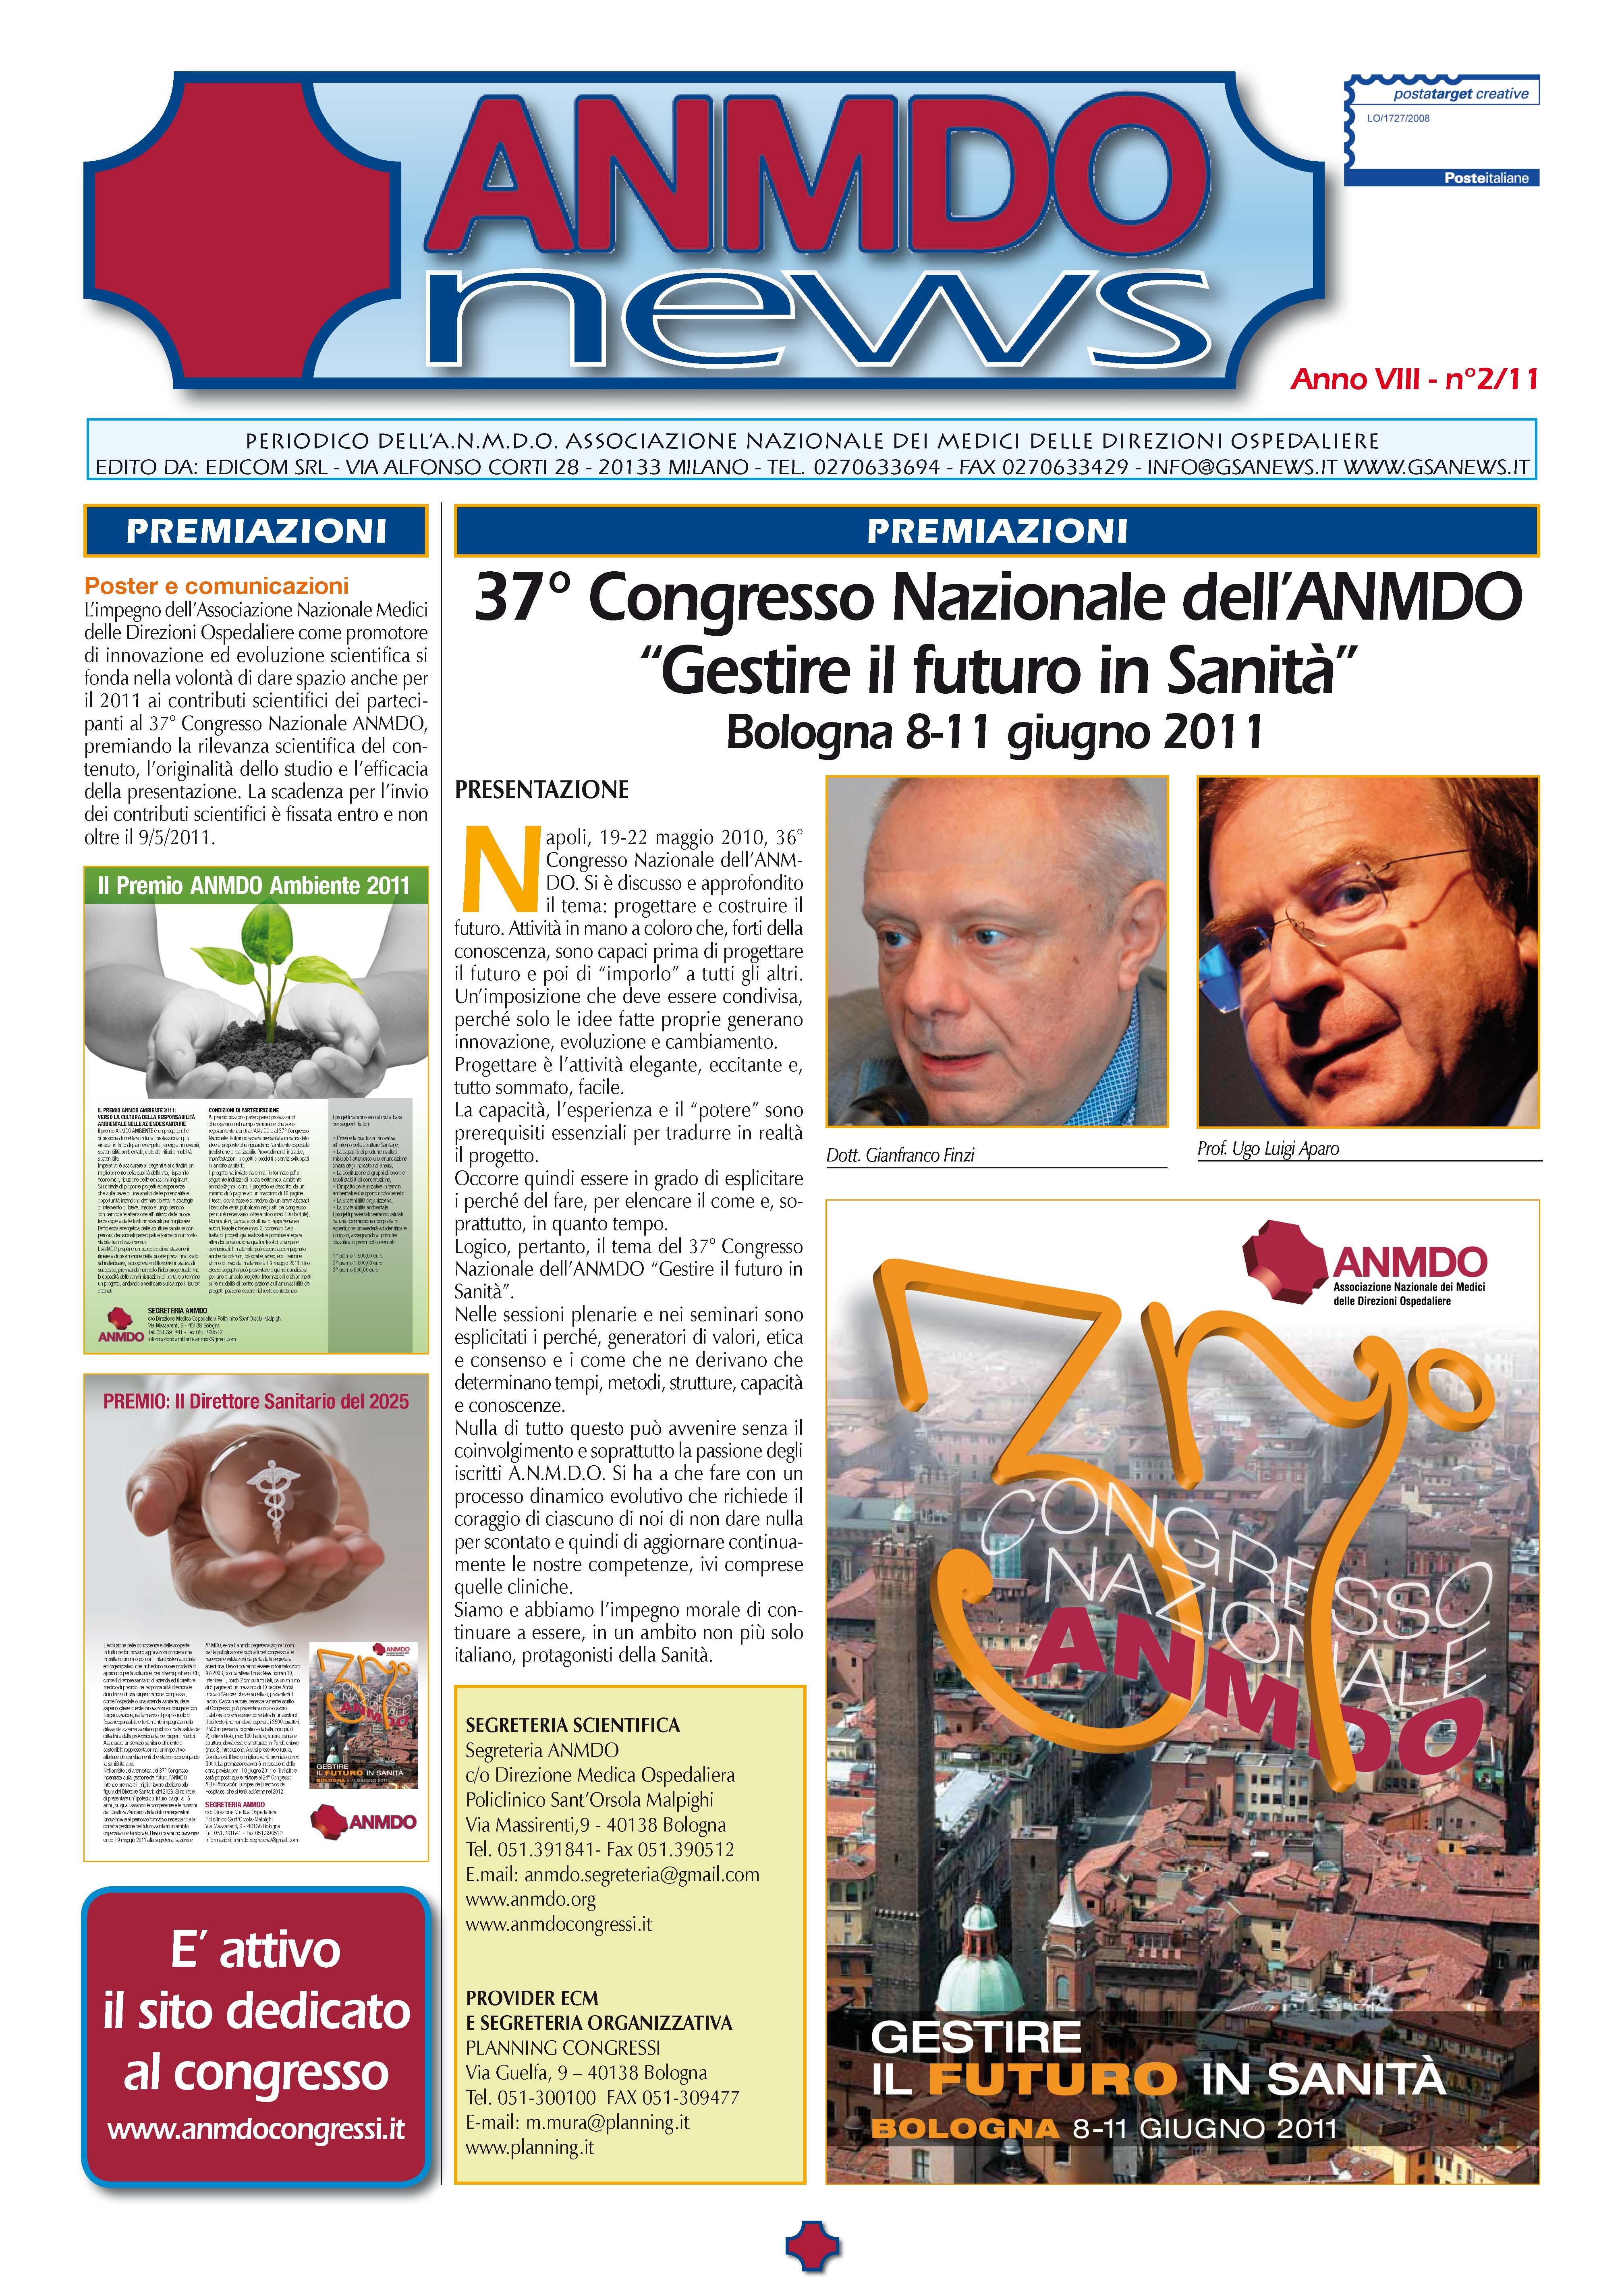 pagine-da-anmdonews_2_11